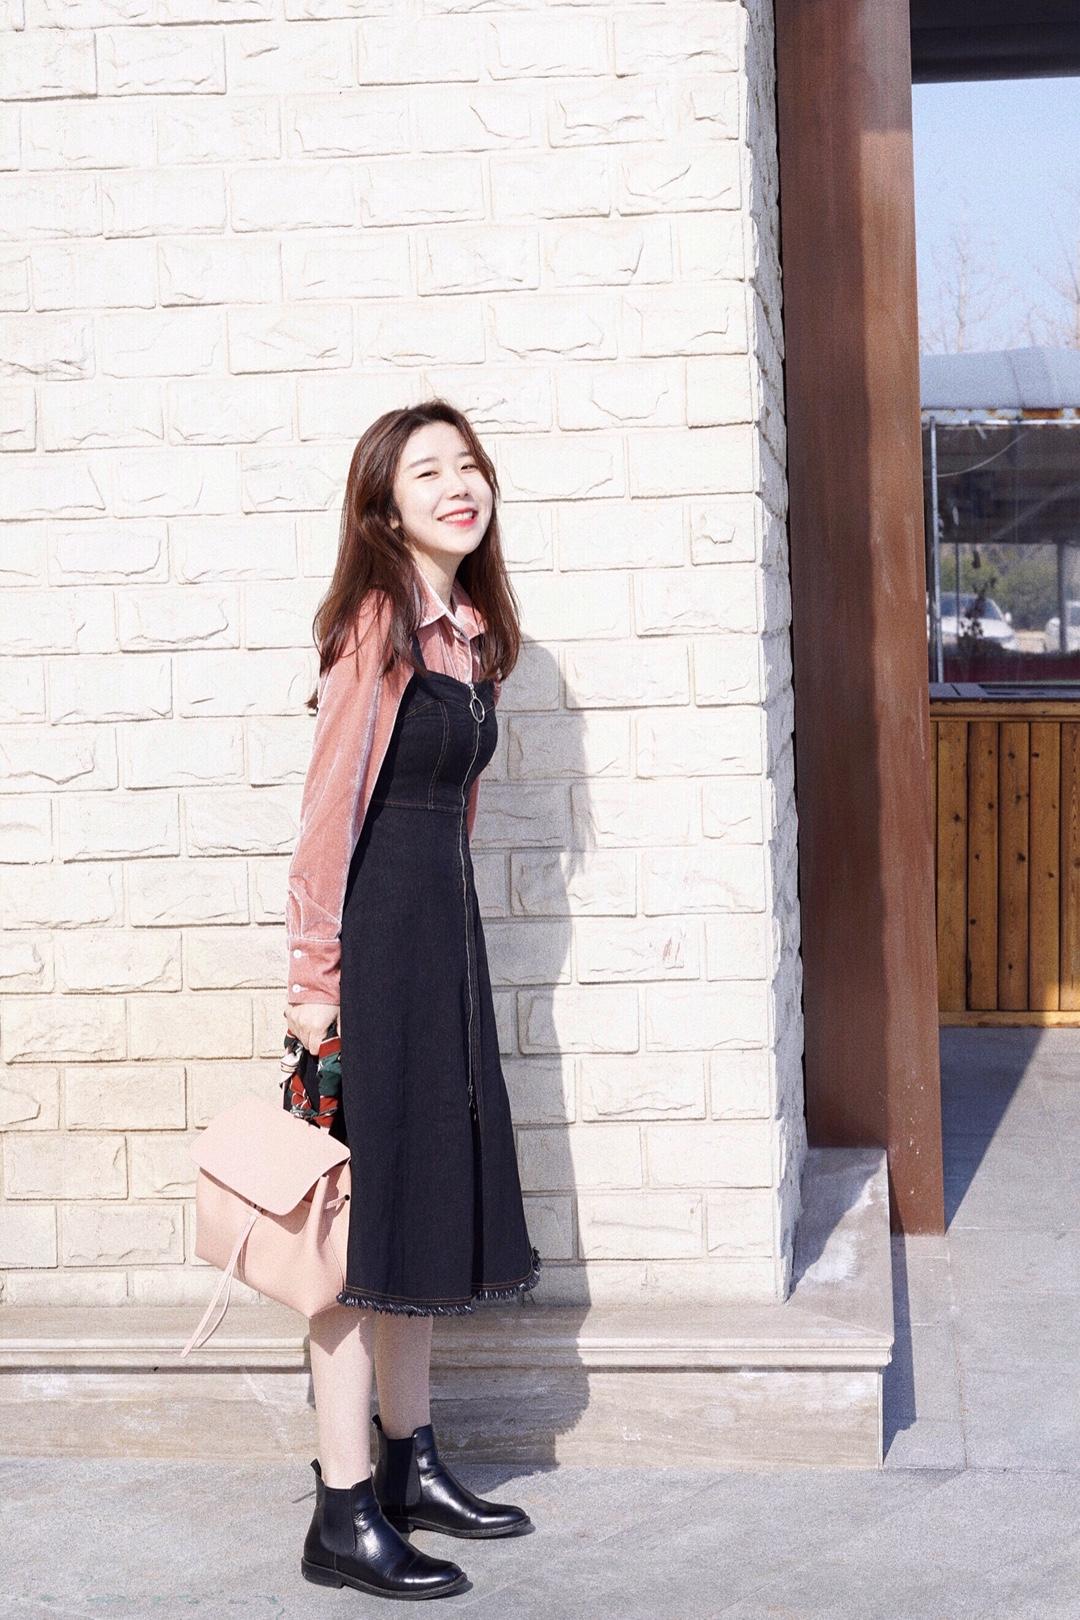 """开春搭配,粉嫩过春节。 来一套粉嫩嫩的搭配,丝绒粉色的衬衫搭配深色牛仔背心裙,牛仔背心裙的版型很棒,非常显身材~ 大衣也搭配了和丝绒粉衬衫同色度的大衣,鞋子方面选了Church's的切尔西短靴,简约帅气的设计可以中和掉整体搭配的甜美感,然后再配上粉色的Mansur Gavriel包包就可以出门啦。 #怎么多拿压岁钱? 穿的""""嫩""""啊!#"""